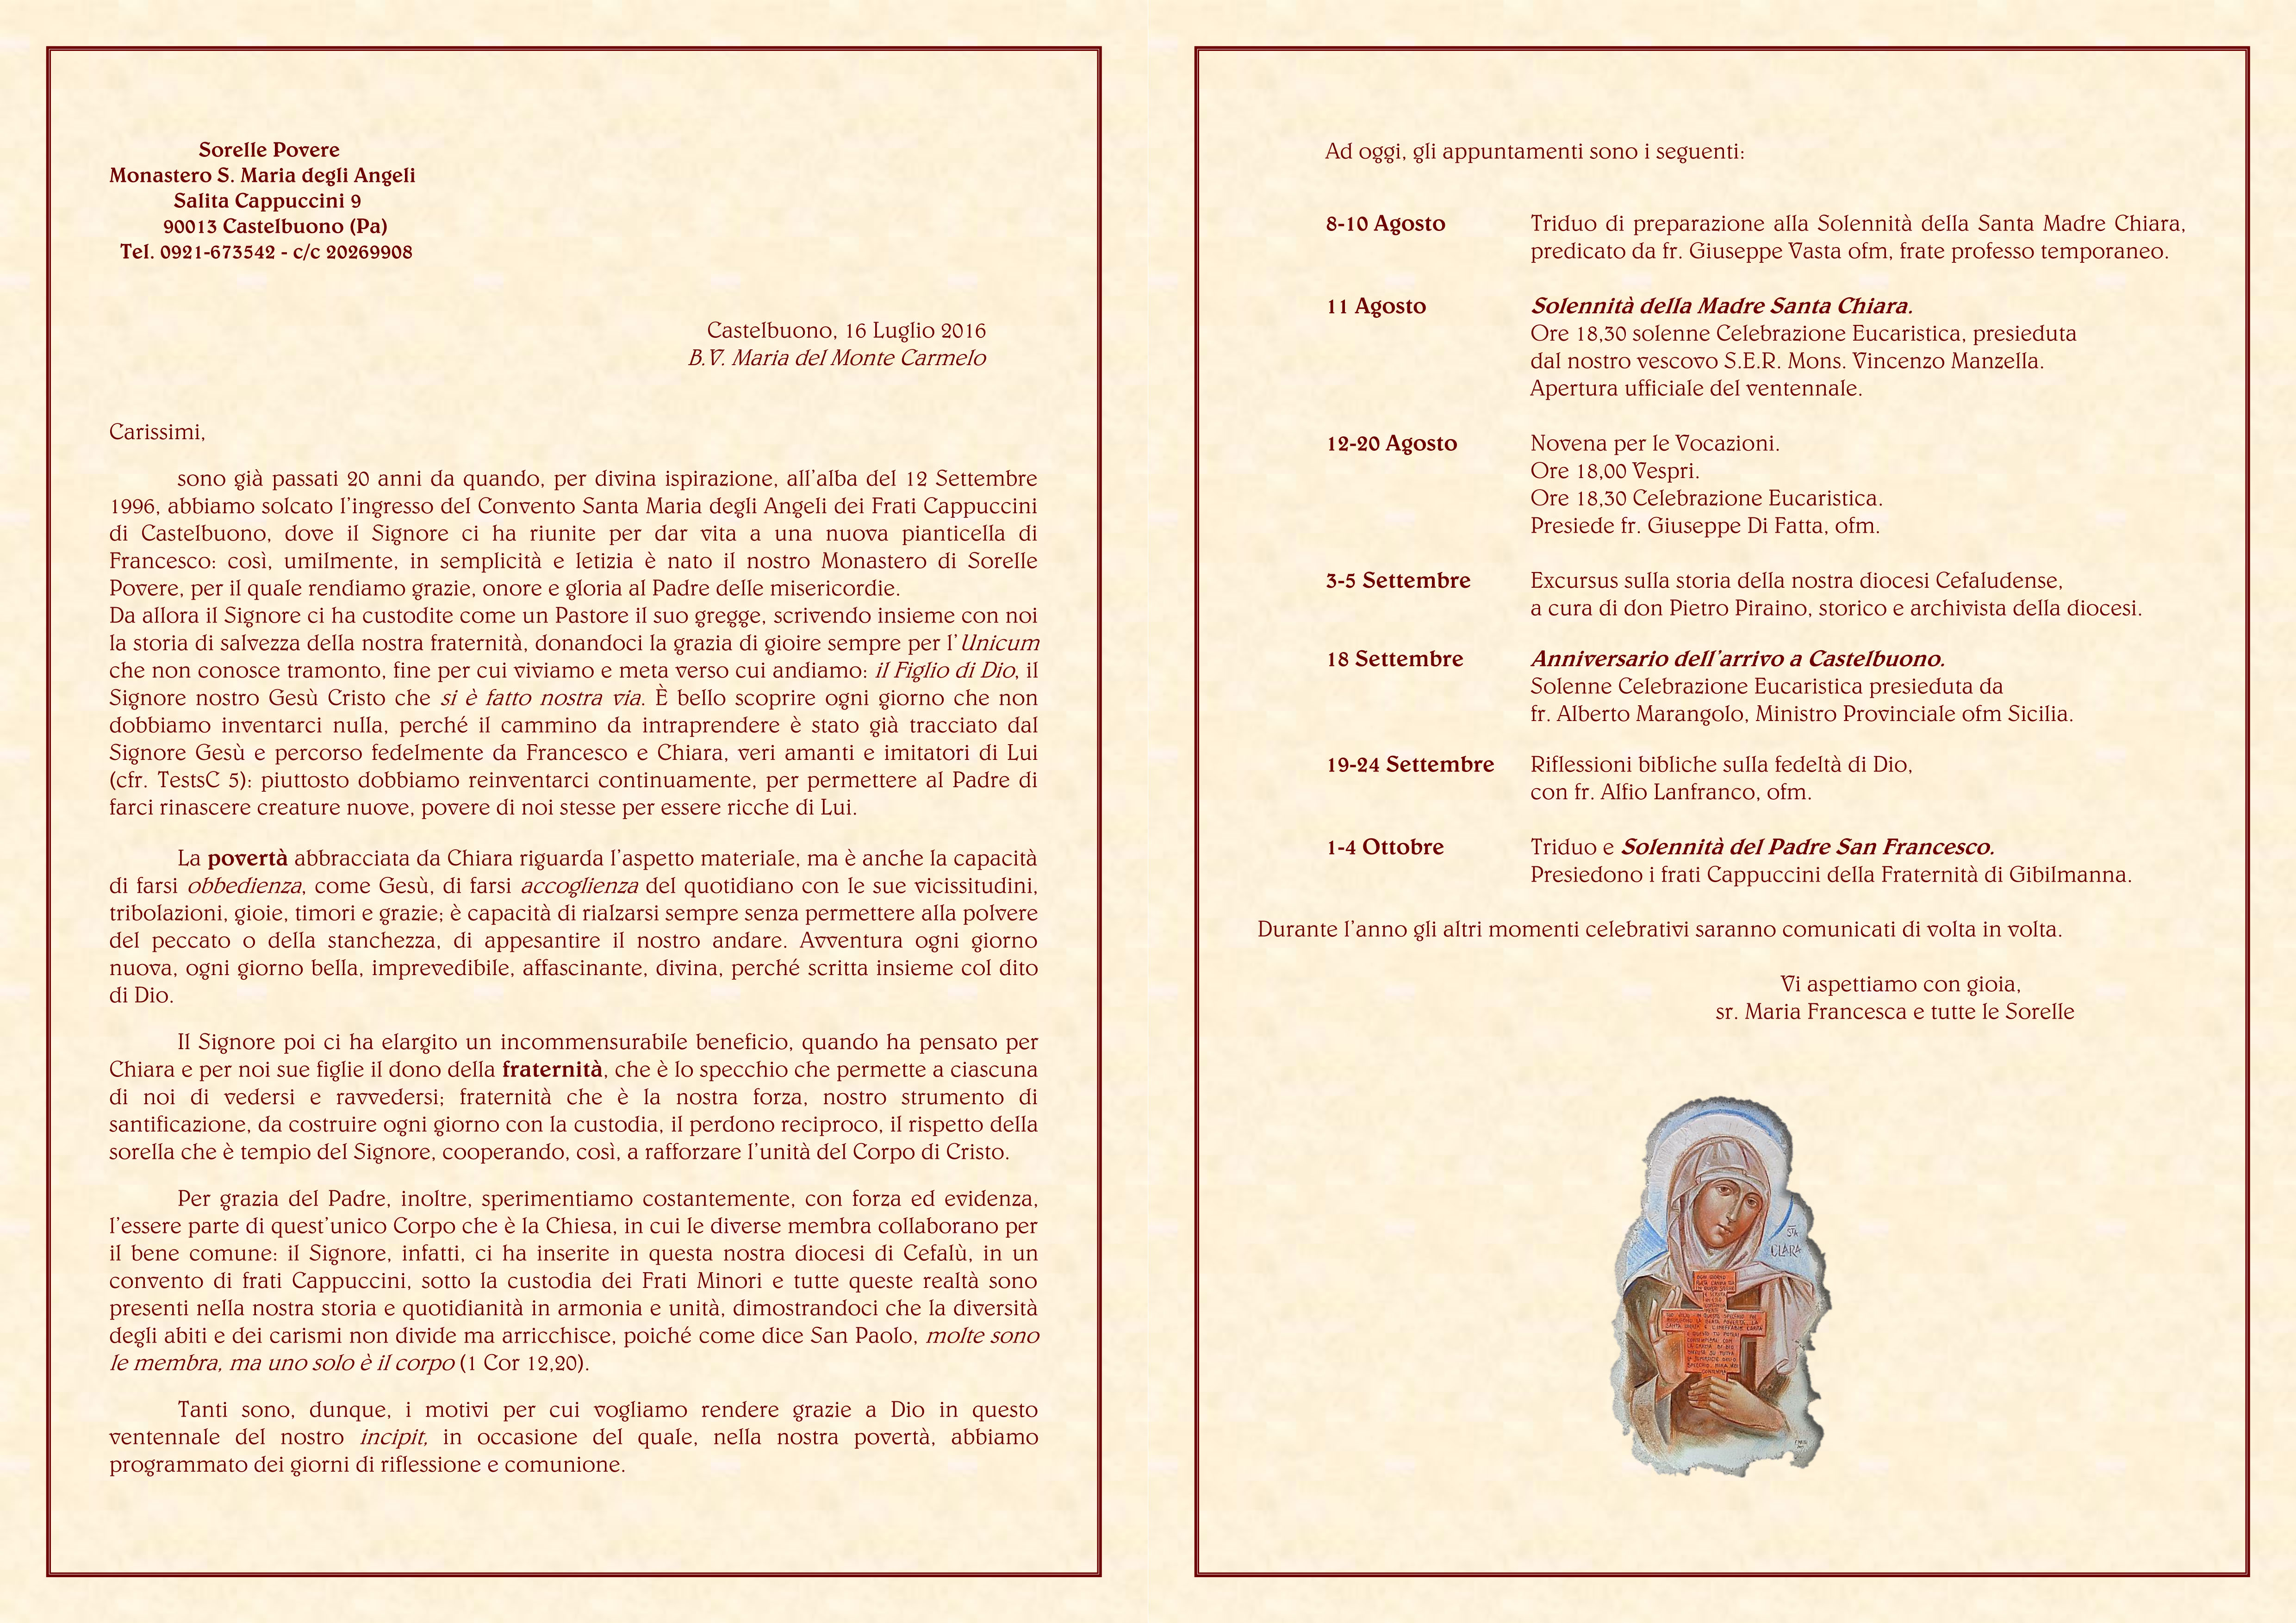 VENTENNALE SORELLE POVERE-1